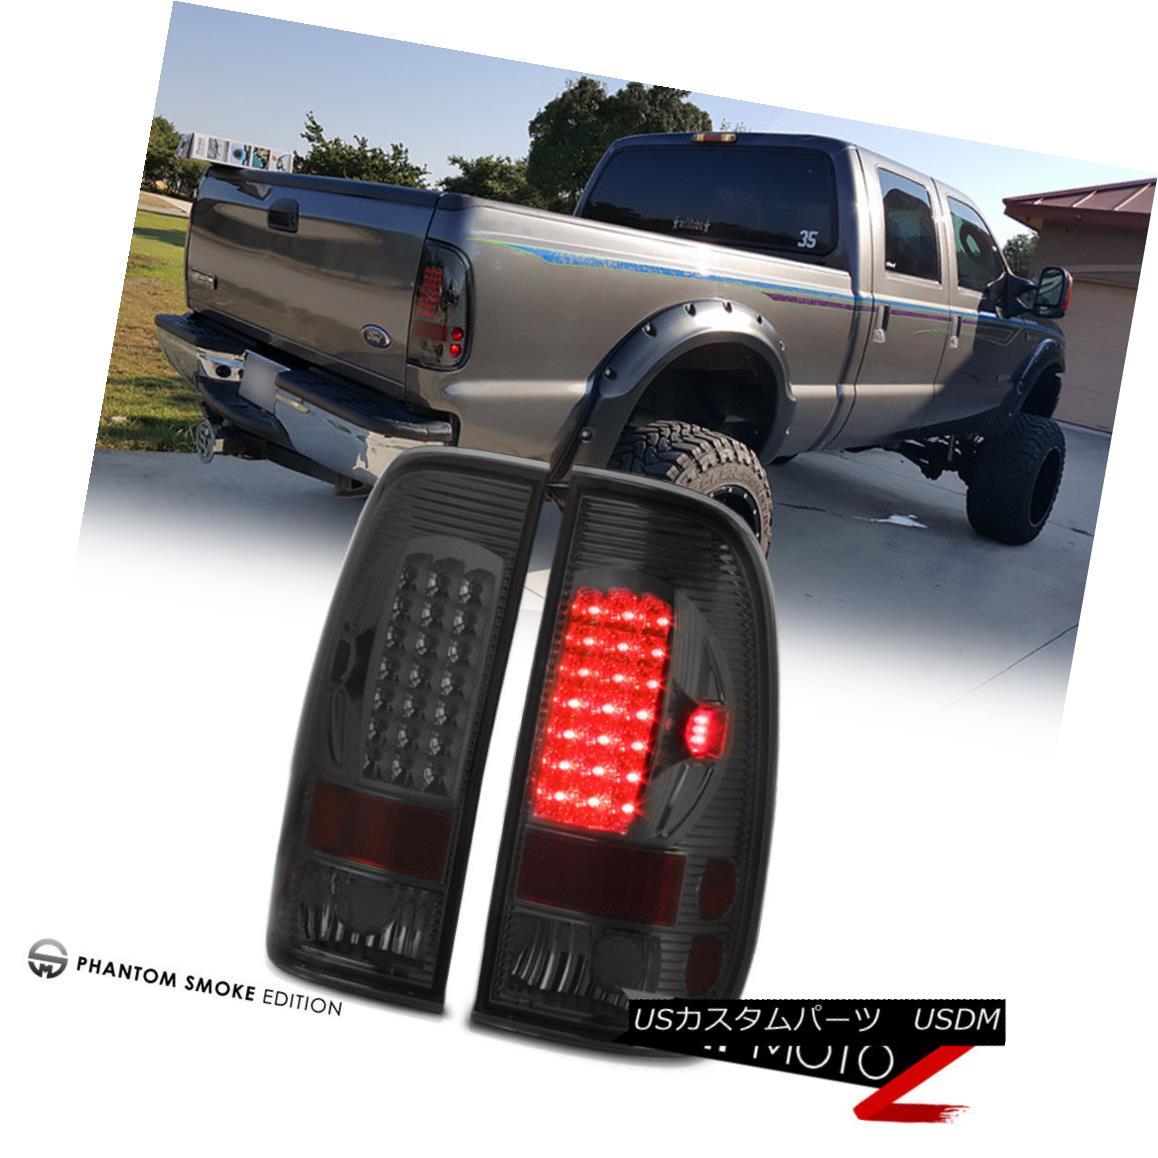 テールライト Ford 97-03 F150 99-07 F250/F350/F450 SD Super Duty Truck Smoke LED Tail Lights フォード97-03 F150 99-07 F250 / F350 / F450 SDスーパーデューティートラック煙LEDテールライト